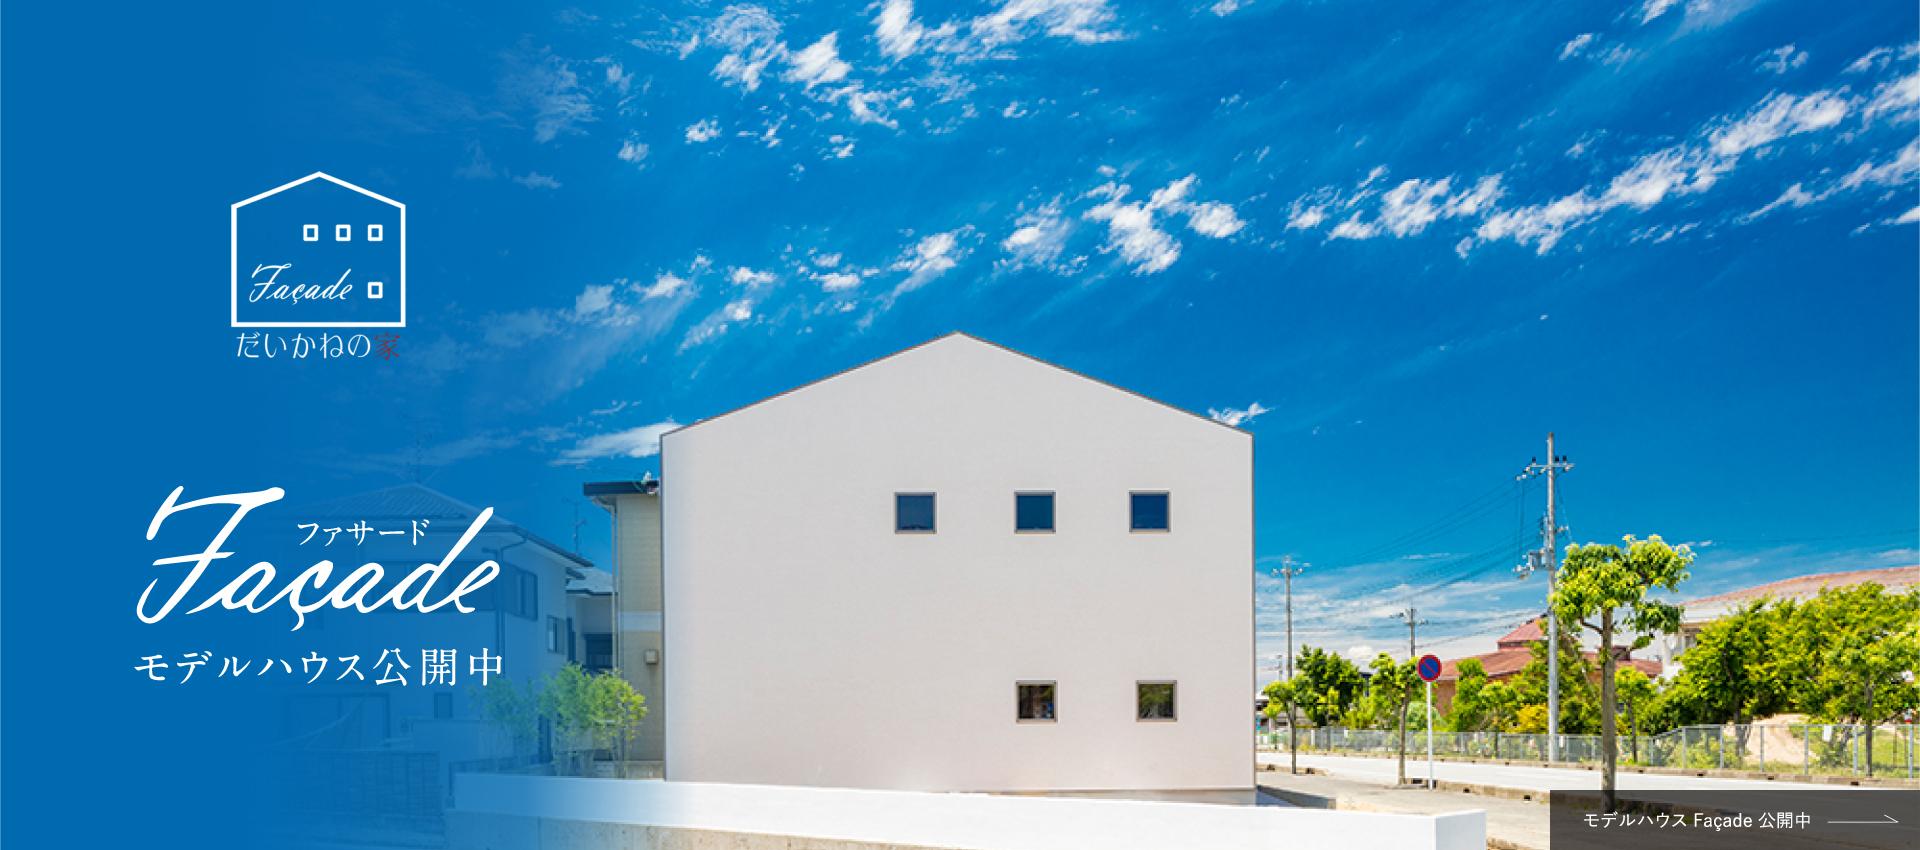 だいかねの家。Facade モデルハウス公開中